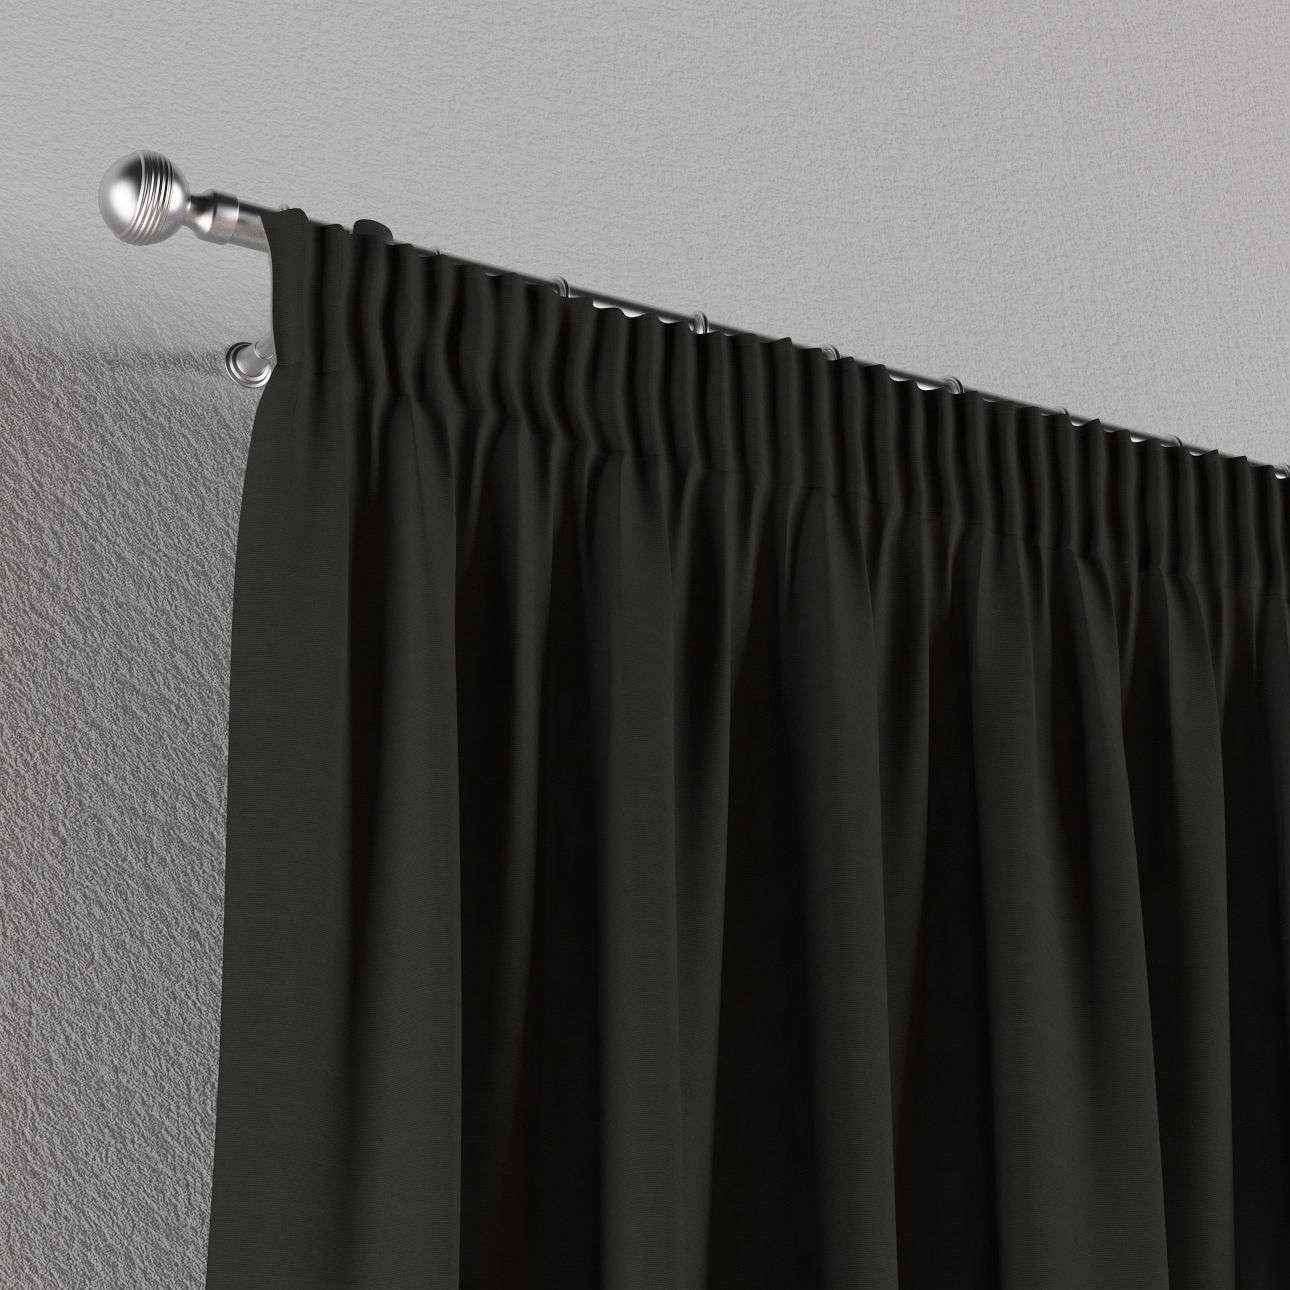 Vorhang mit Kräuselband 130 x 260 cm von der Kollektion Jupiter, Stoff: 127-99